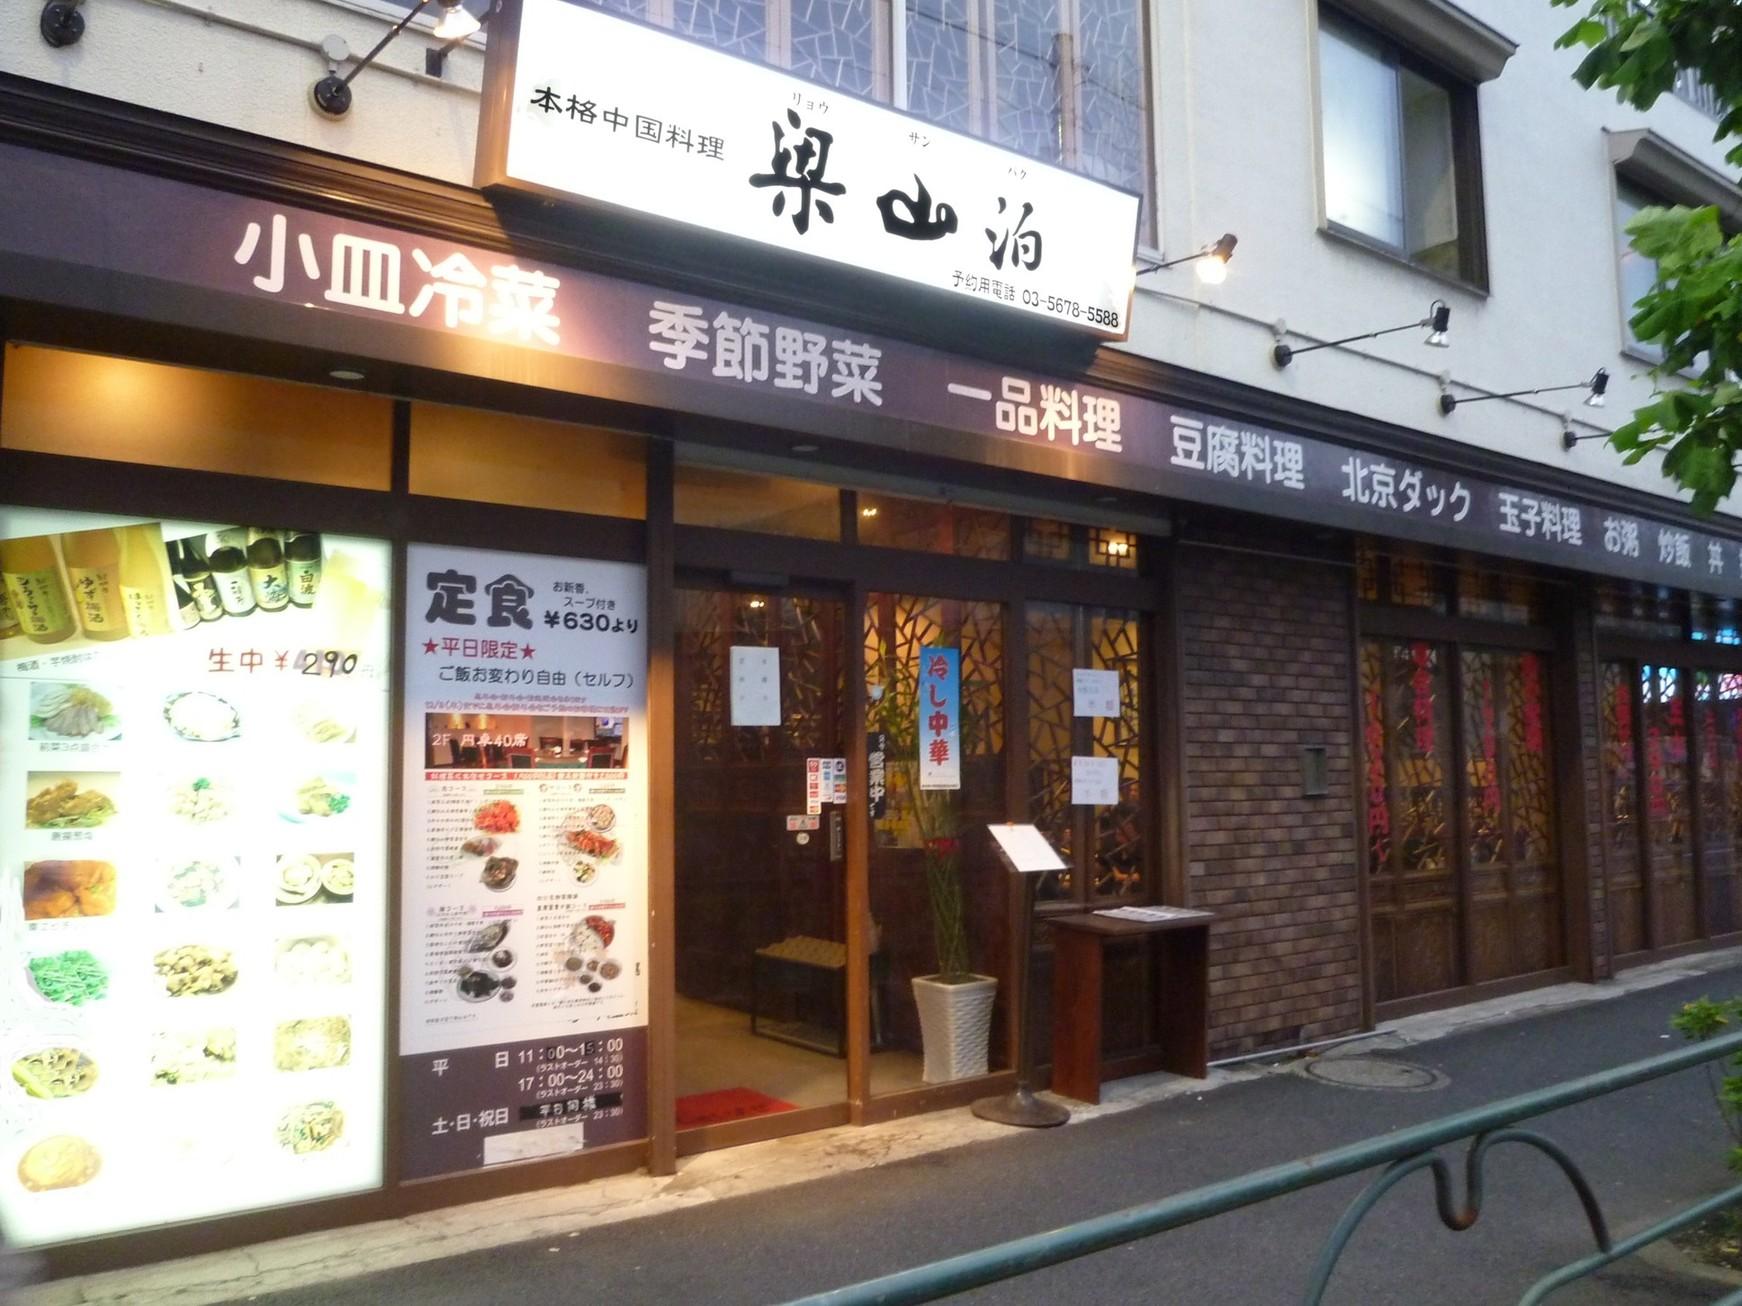 中国料理 梁山泊